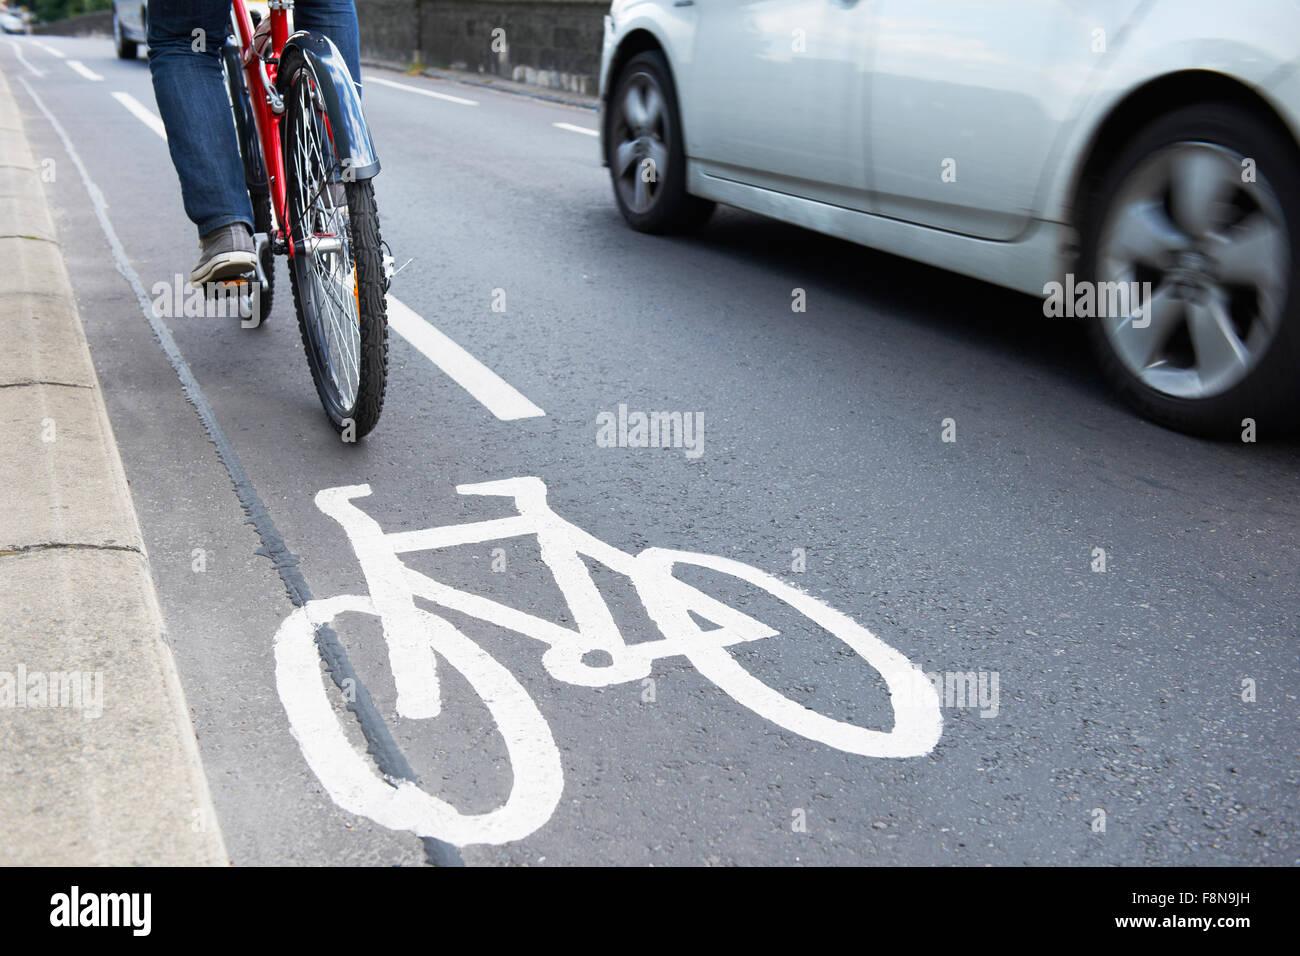 Man On Bike Using Cycle Lane As Traffic Speeds Past - Stock Image